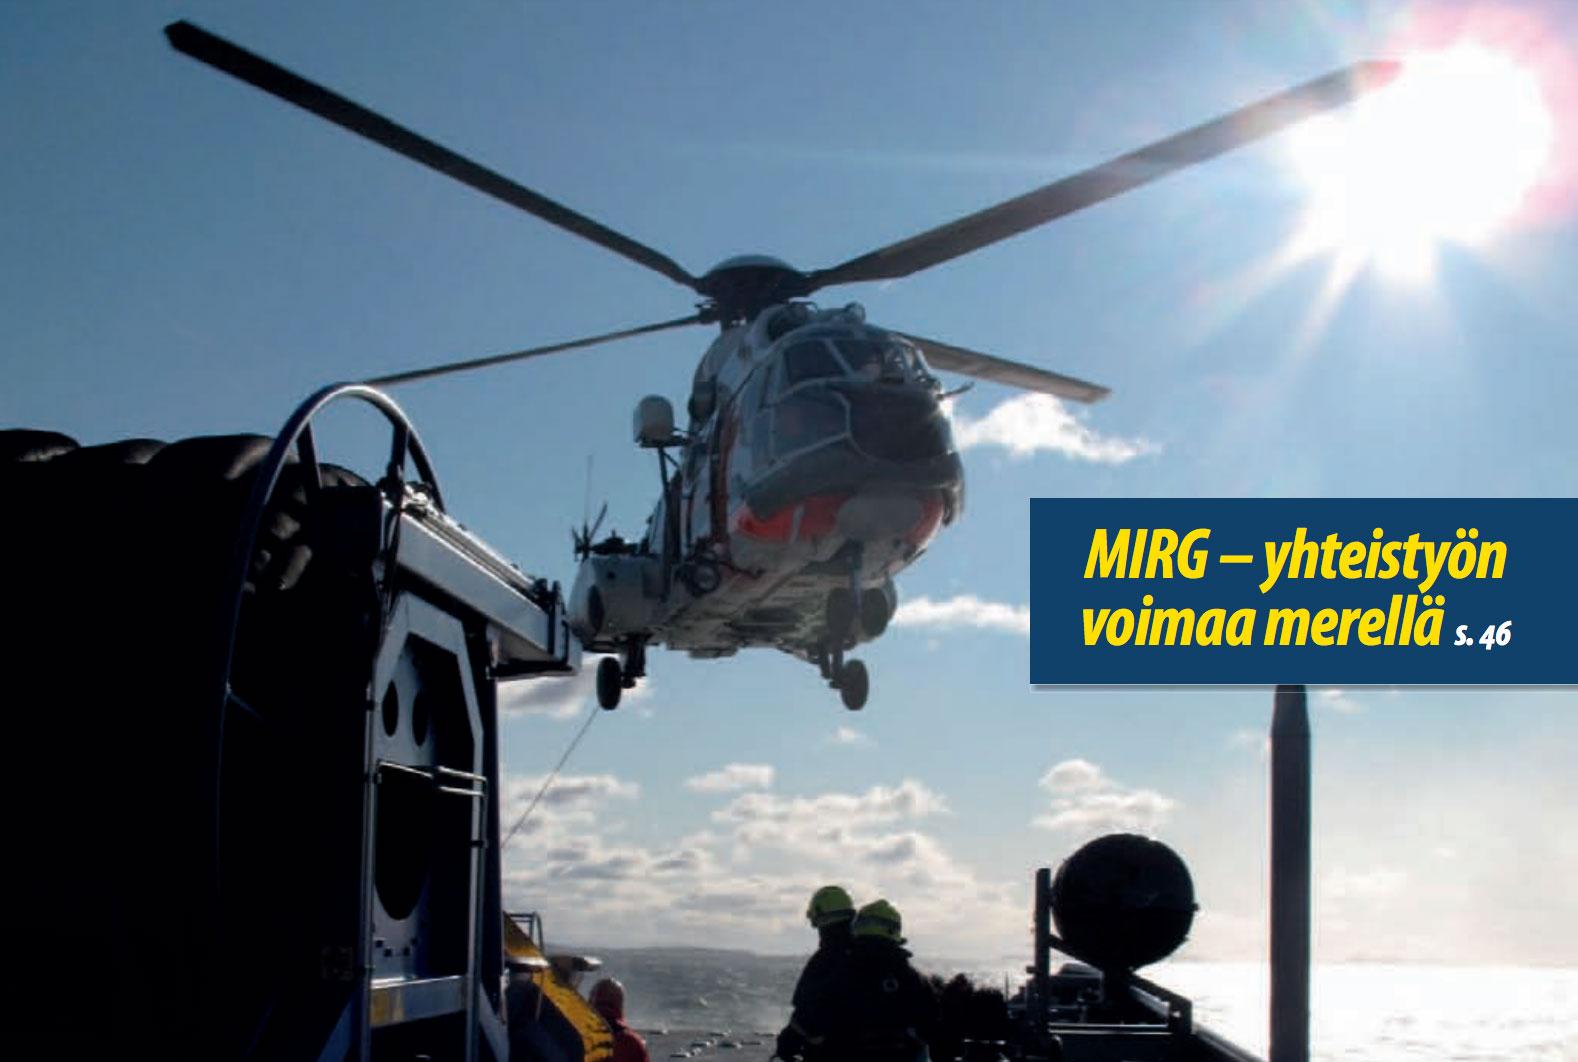 Merellä tapahtuvaa virnomaisten yhteistä pelastustoimintaa tehostetaan. Kuva: Toni Fohlin.